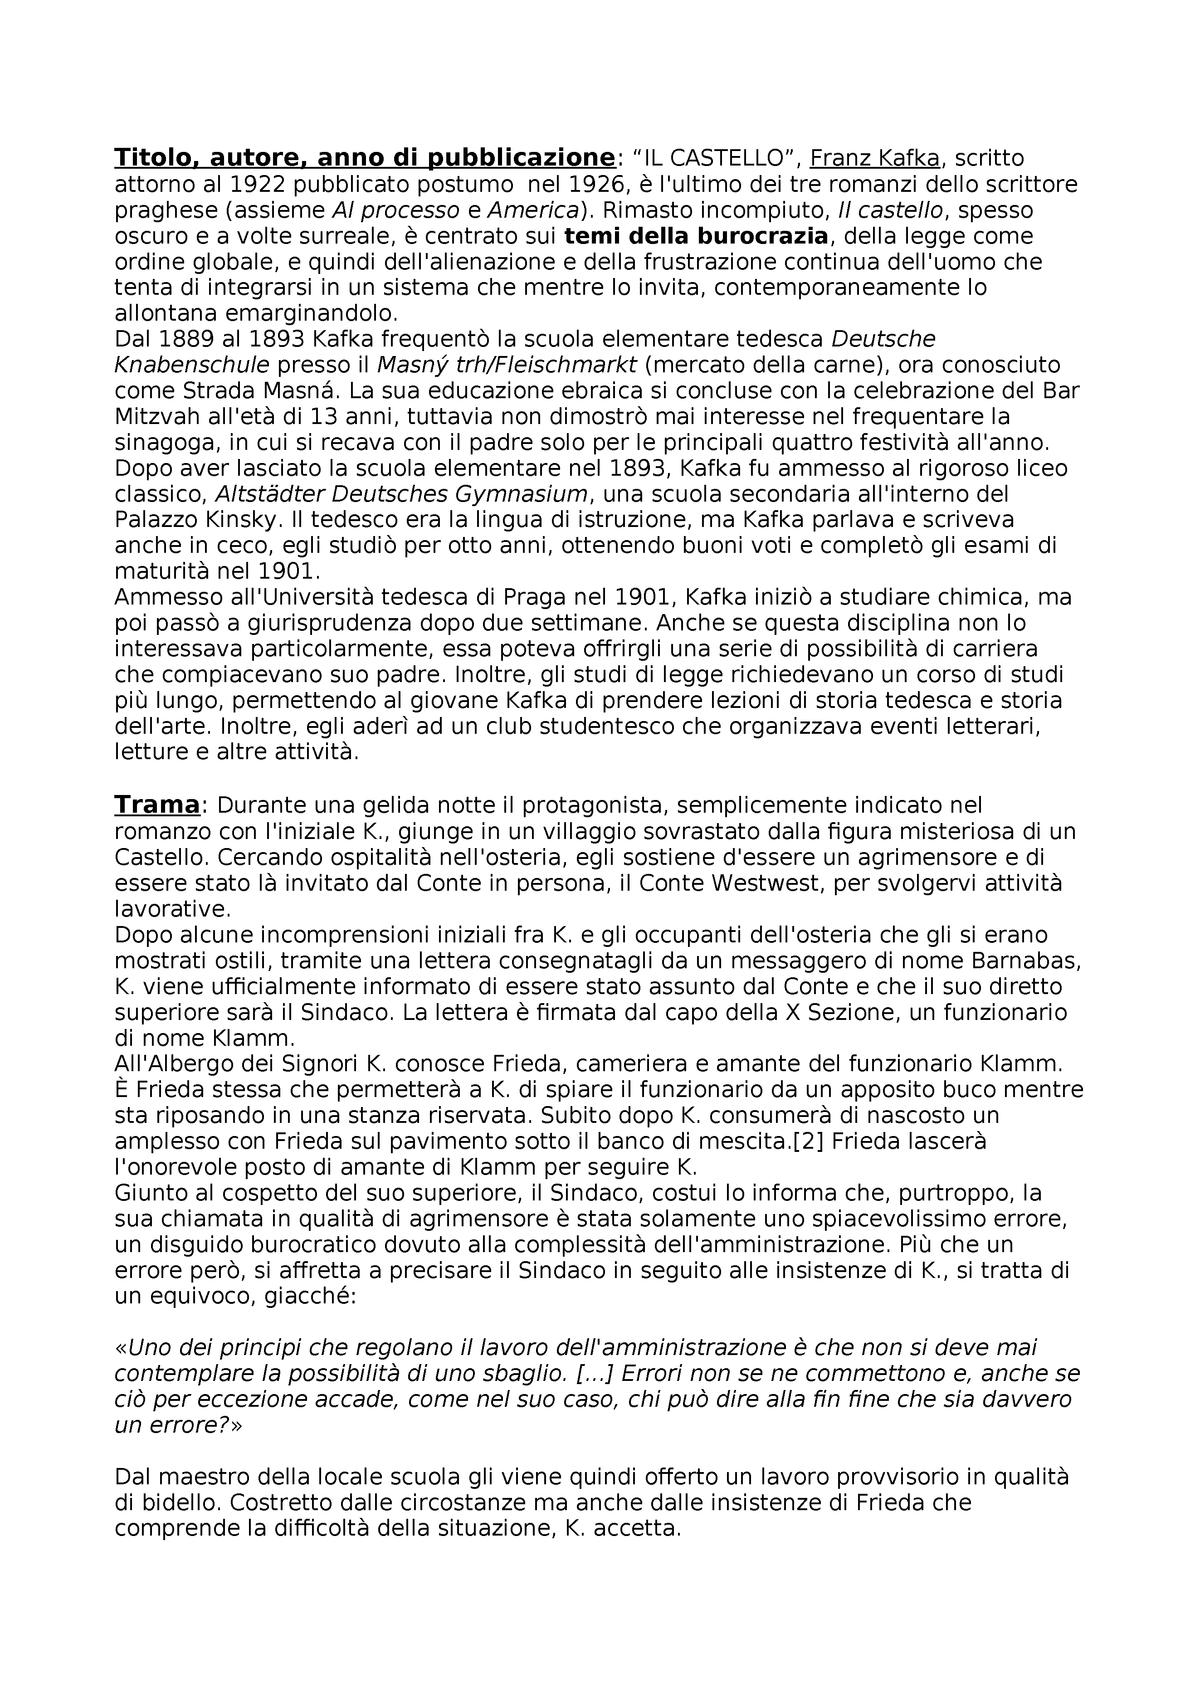 Kafka - Castello - Riassunto ben fatto con a seguito analisi